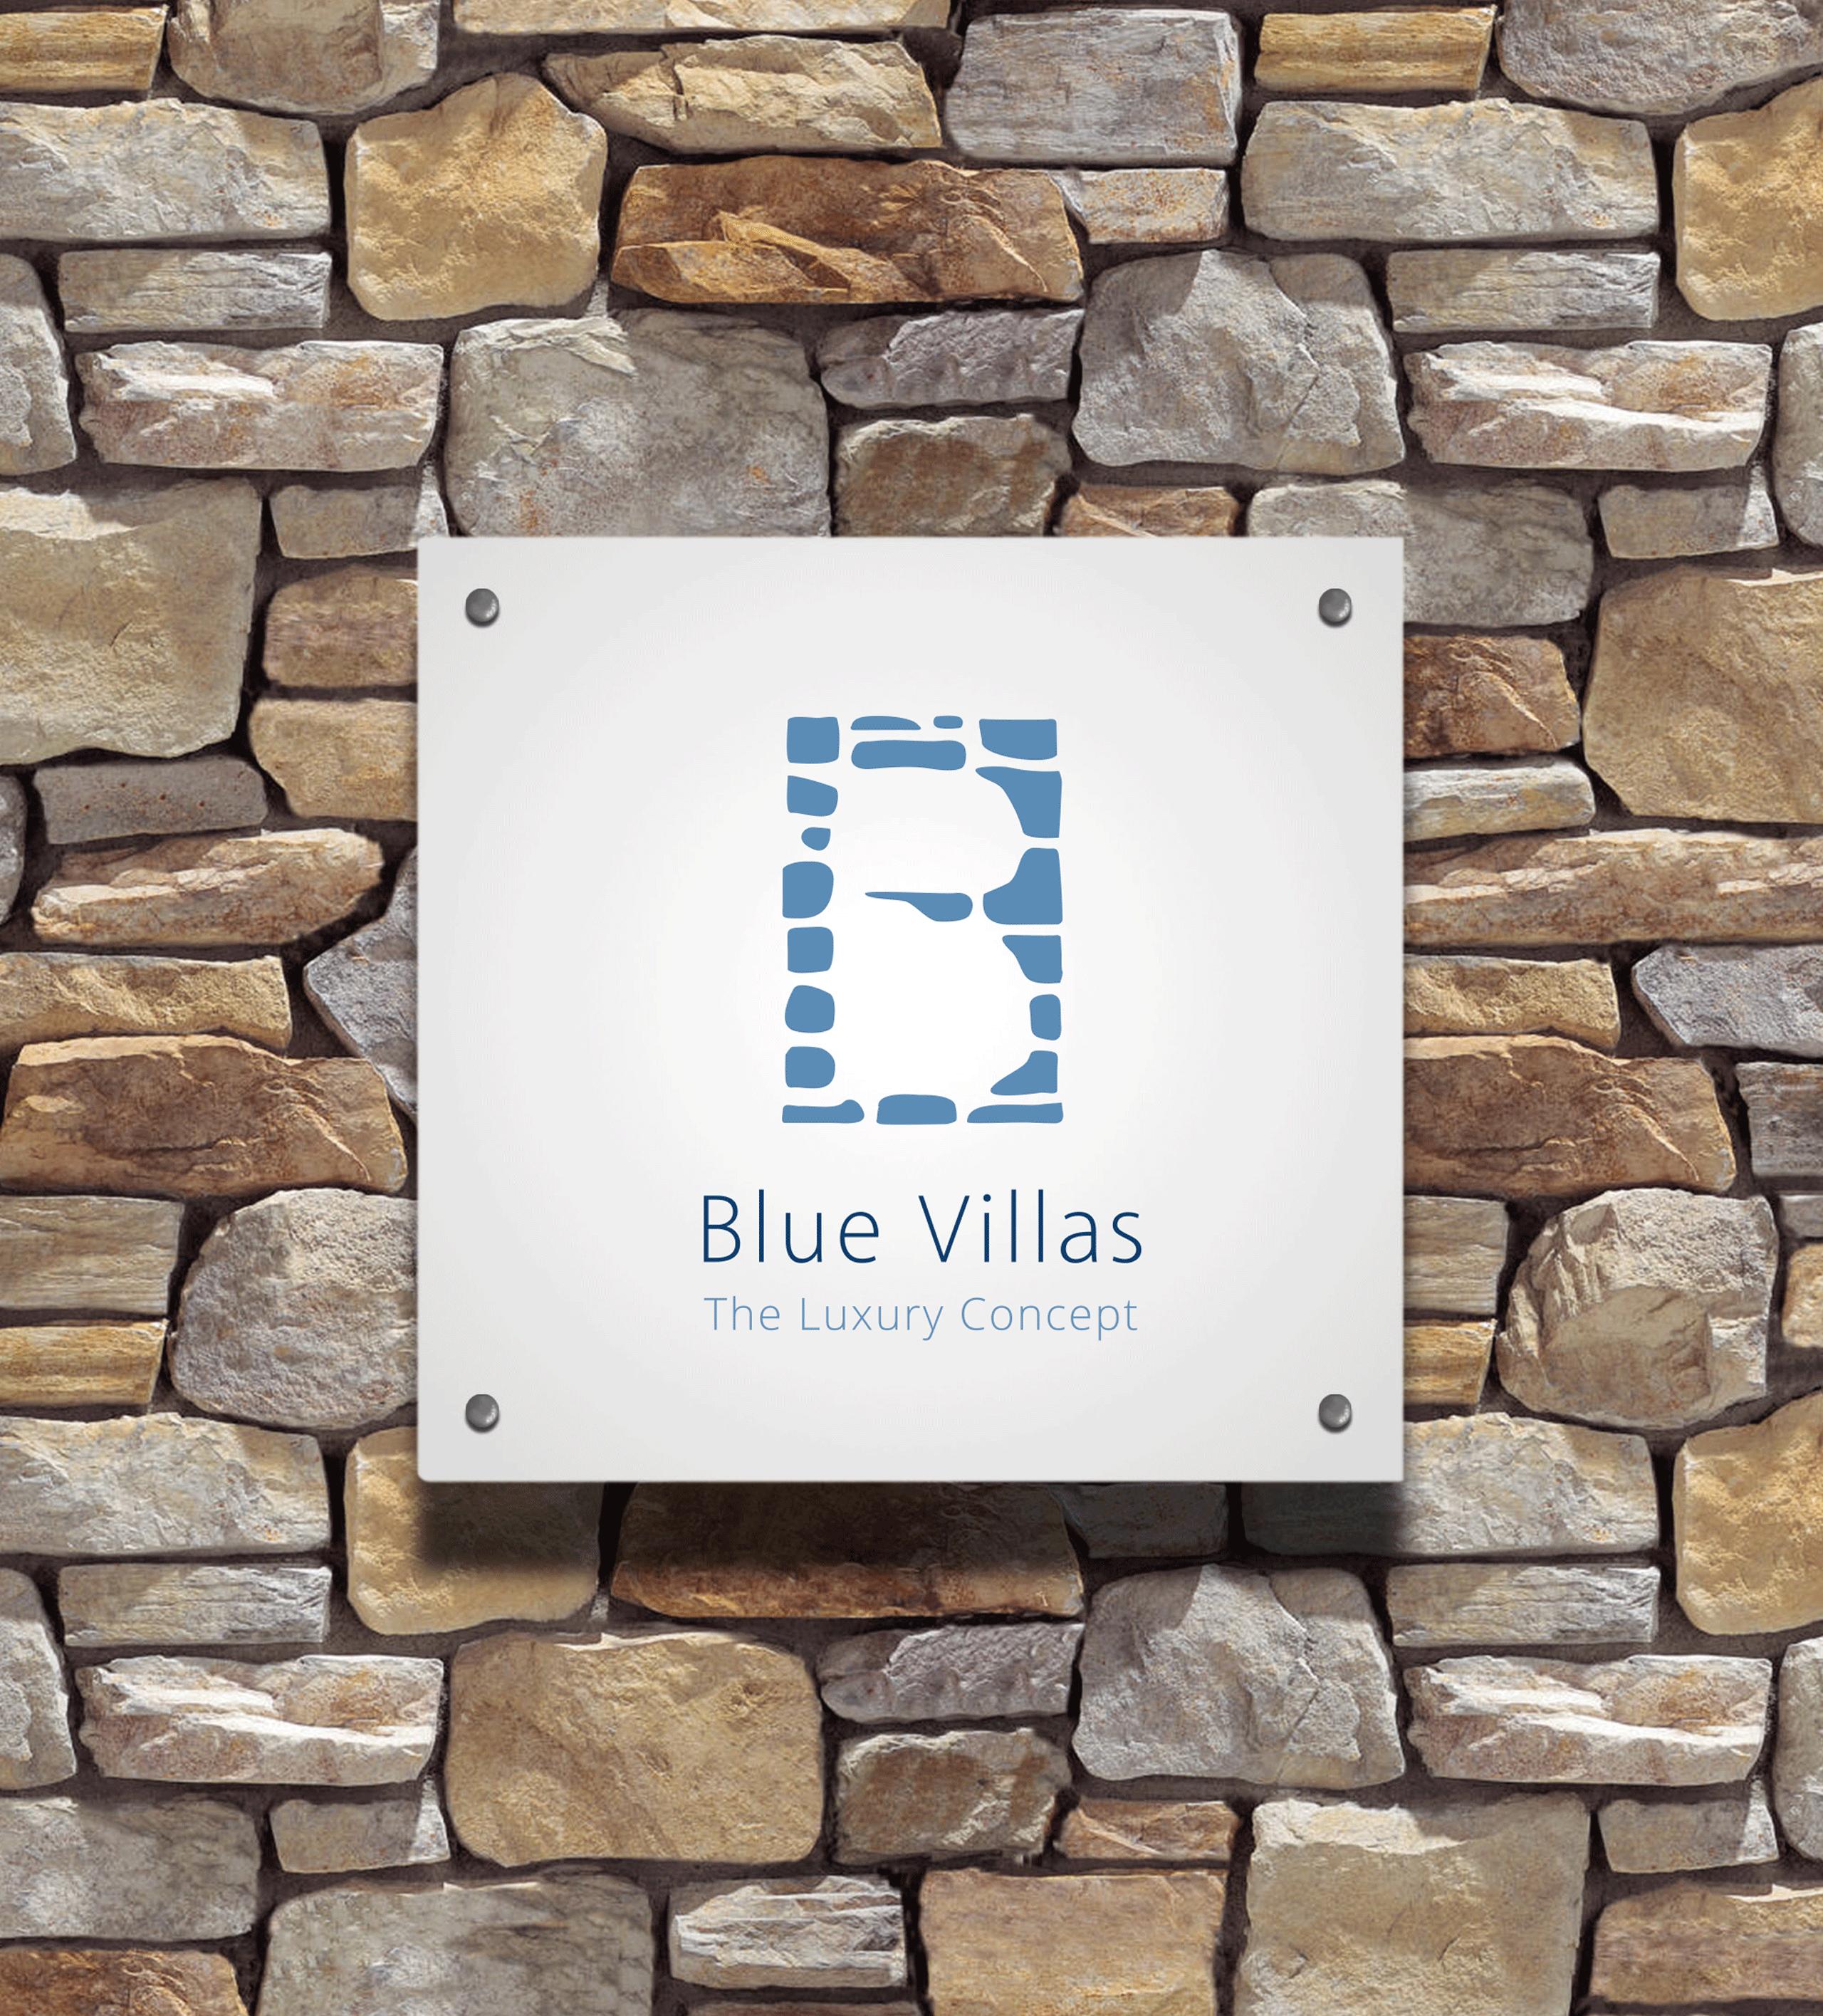 Blue Villas